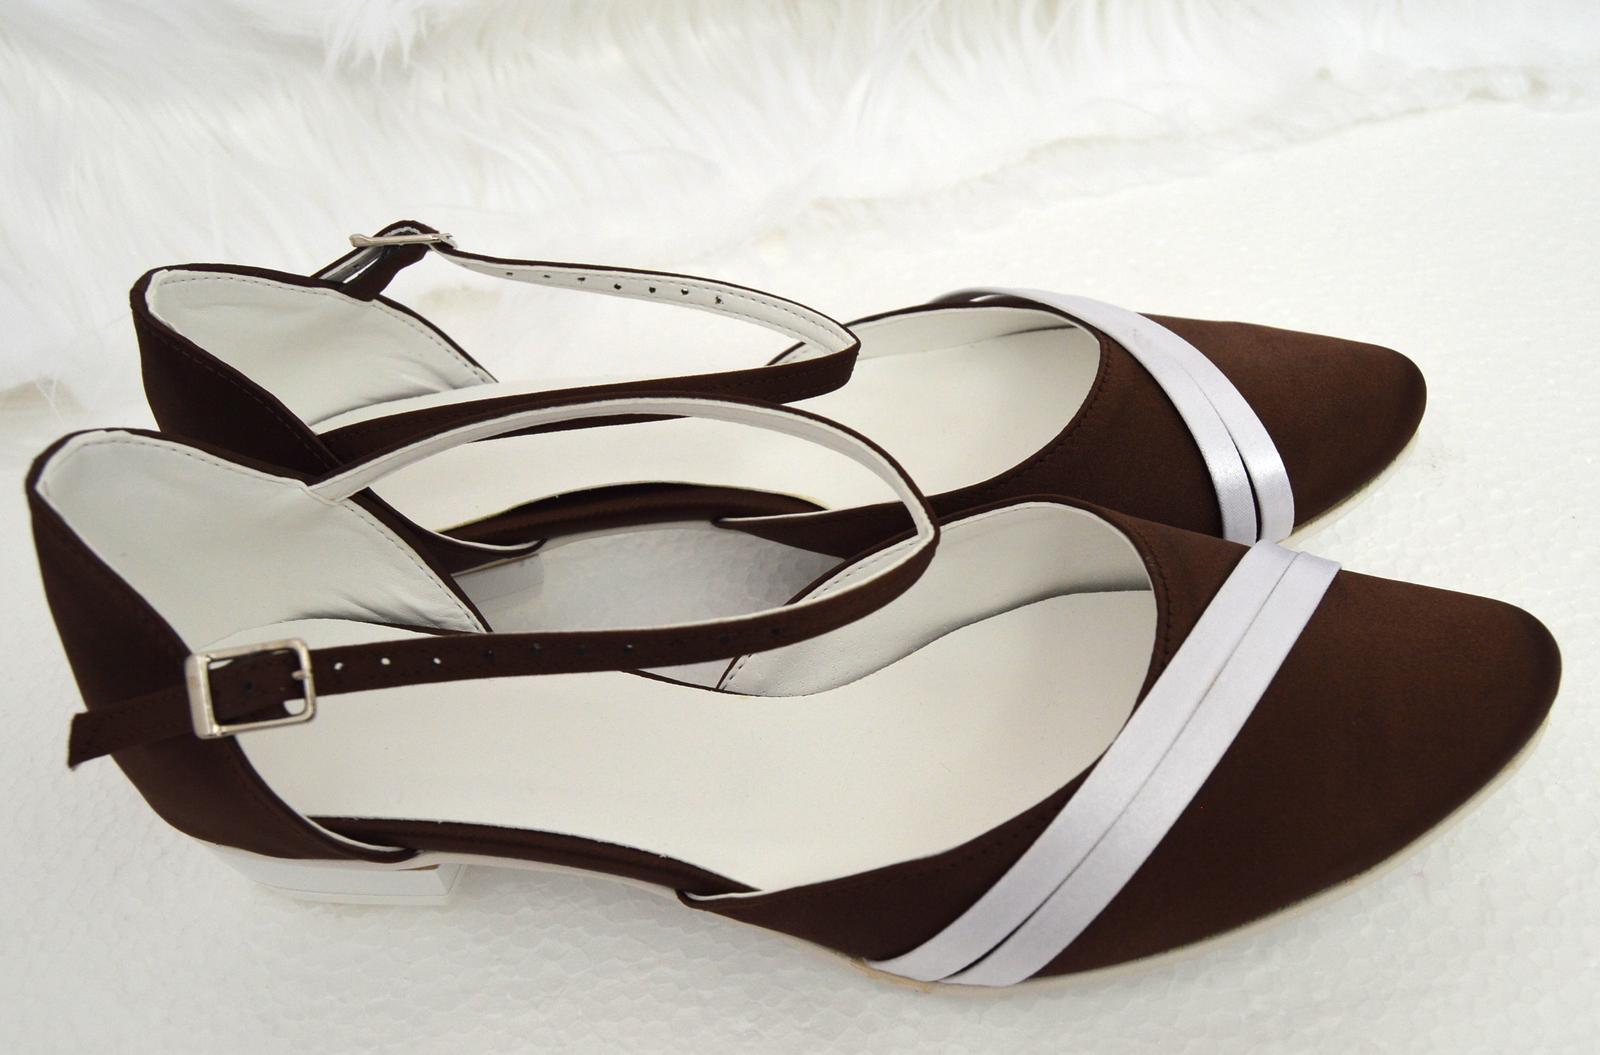 Svadobné topánky s úpravou na želanie - inšpirácie bordó, hnědá, čokoládová - Svadobné topánky na nízkom opatku kombinácia biela a čokoládová satén - úpravy podľa želania klientky